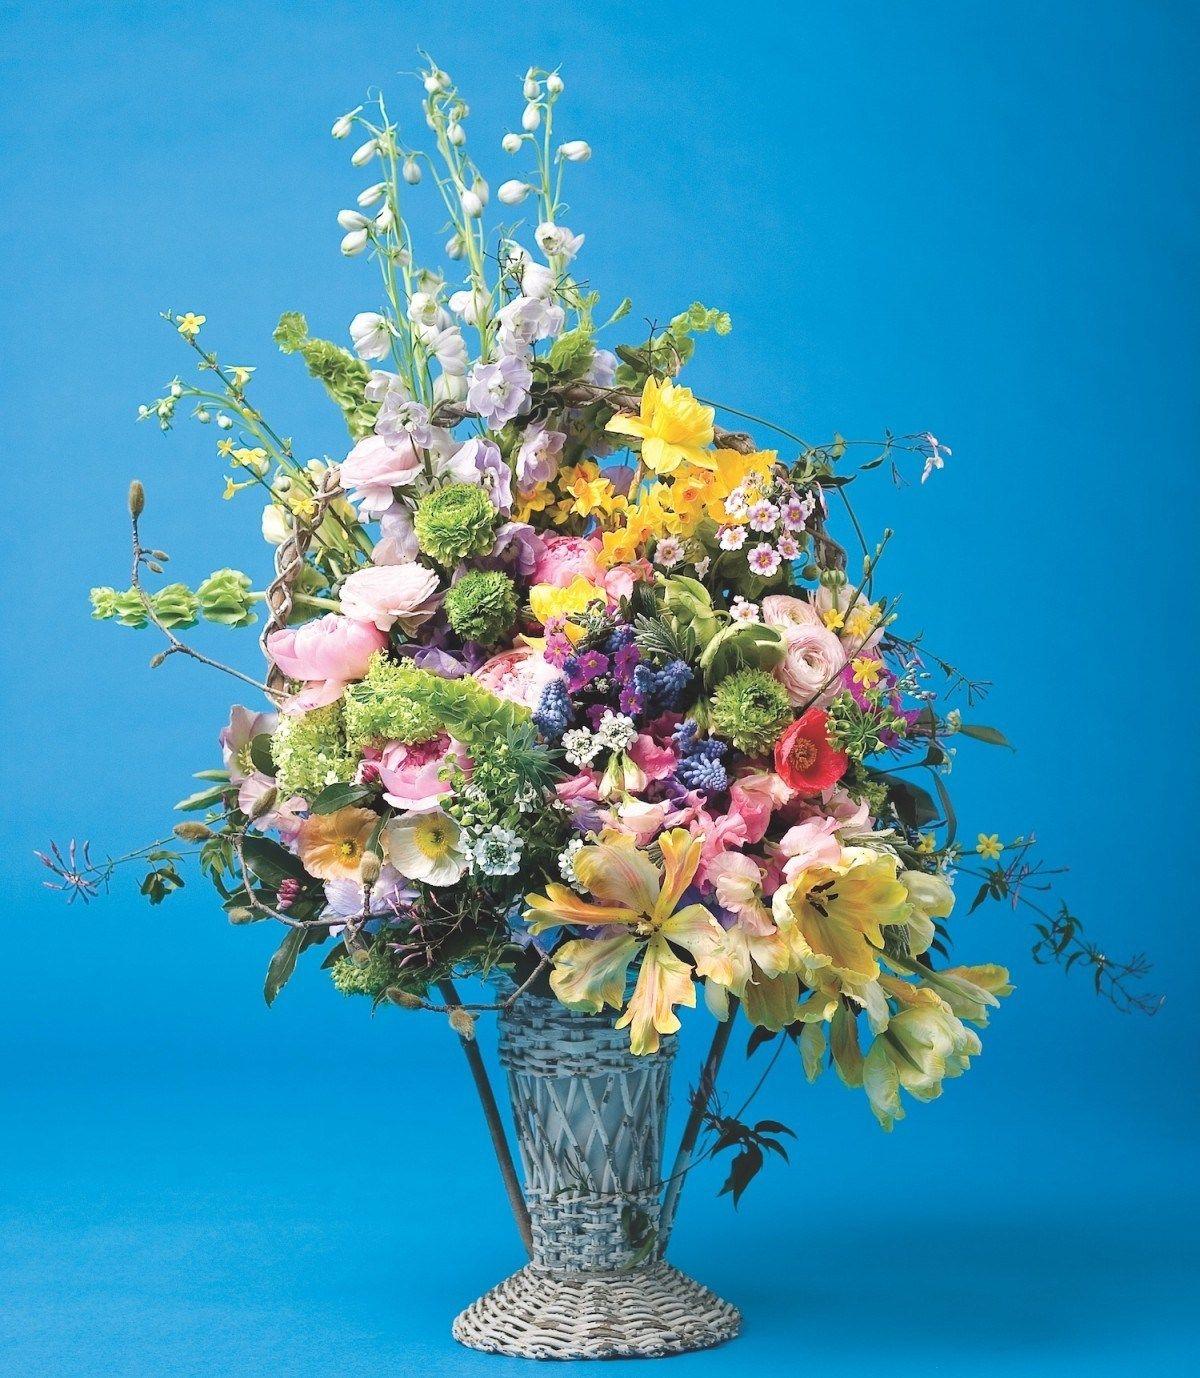 A Tisket A Tasket Flowers In A Basket Basket Flower Arrangements Flowers Magnolia Branch